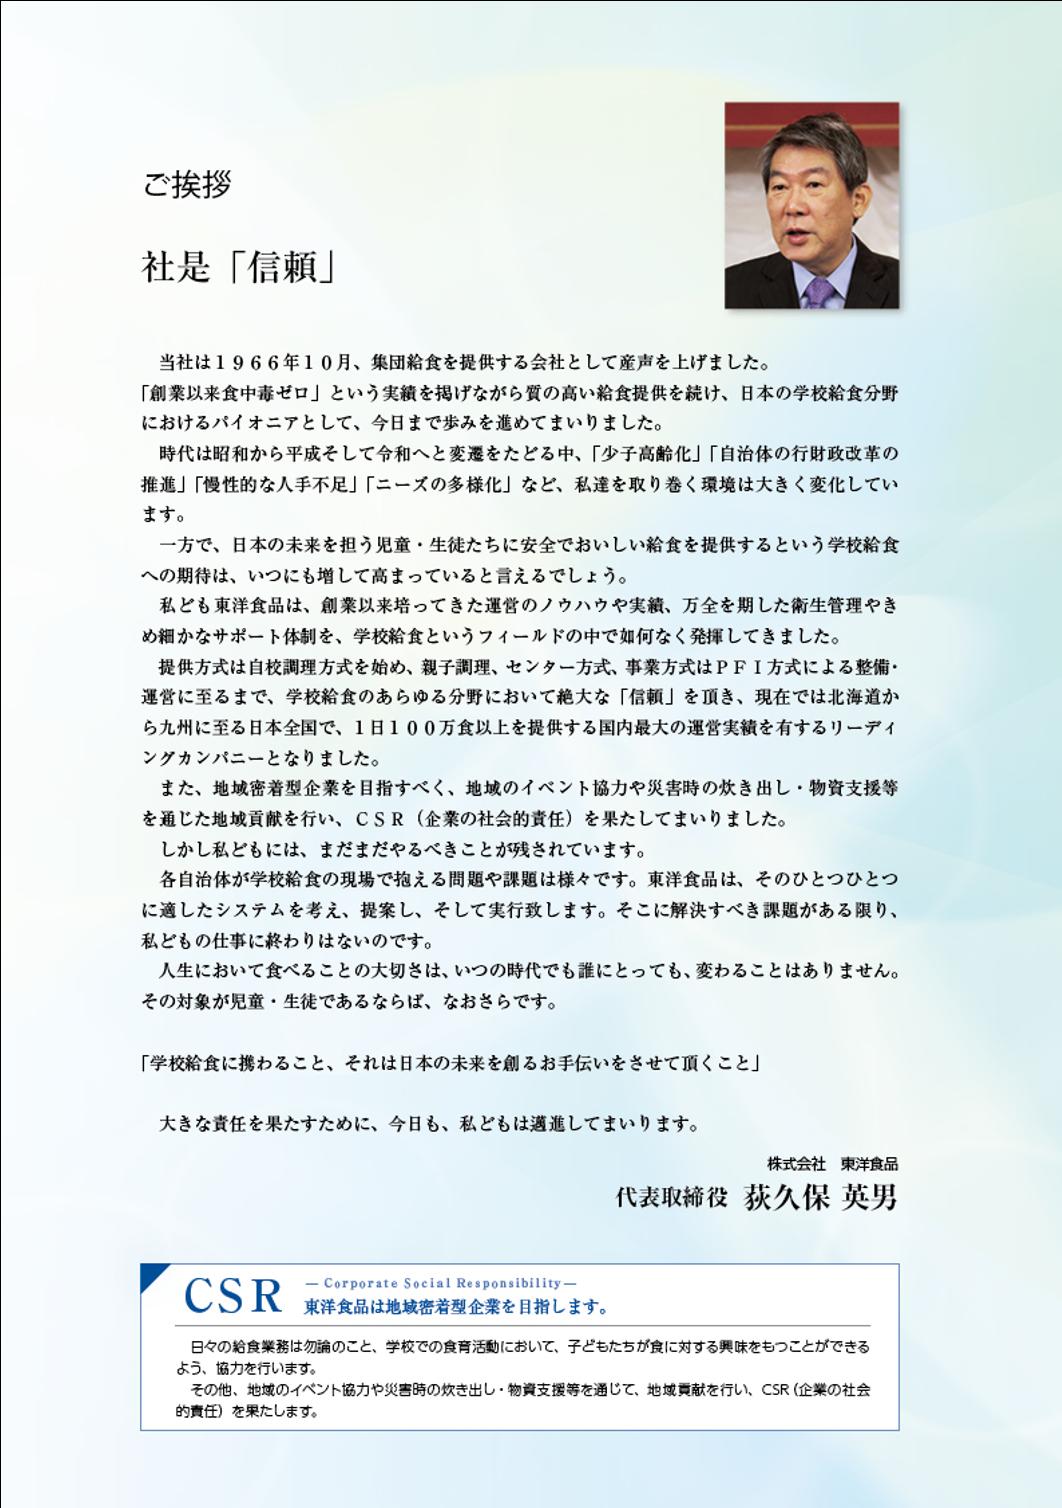 株式会社東洋食品 代表取締役社長 荻久保 英男